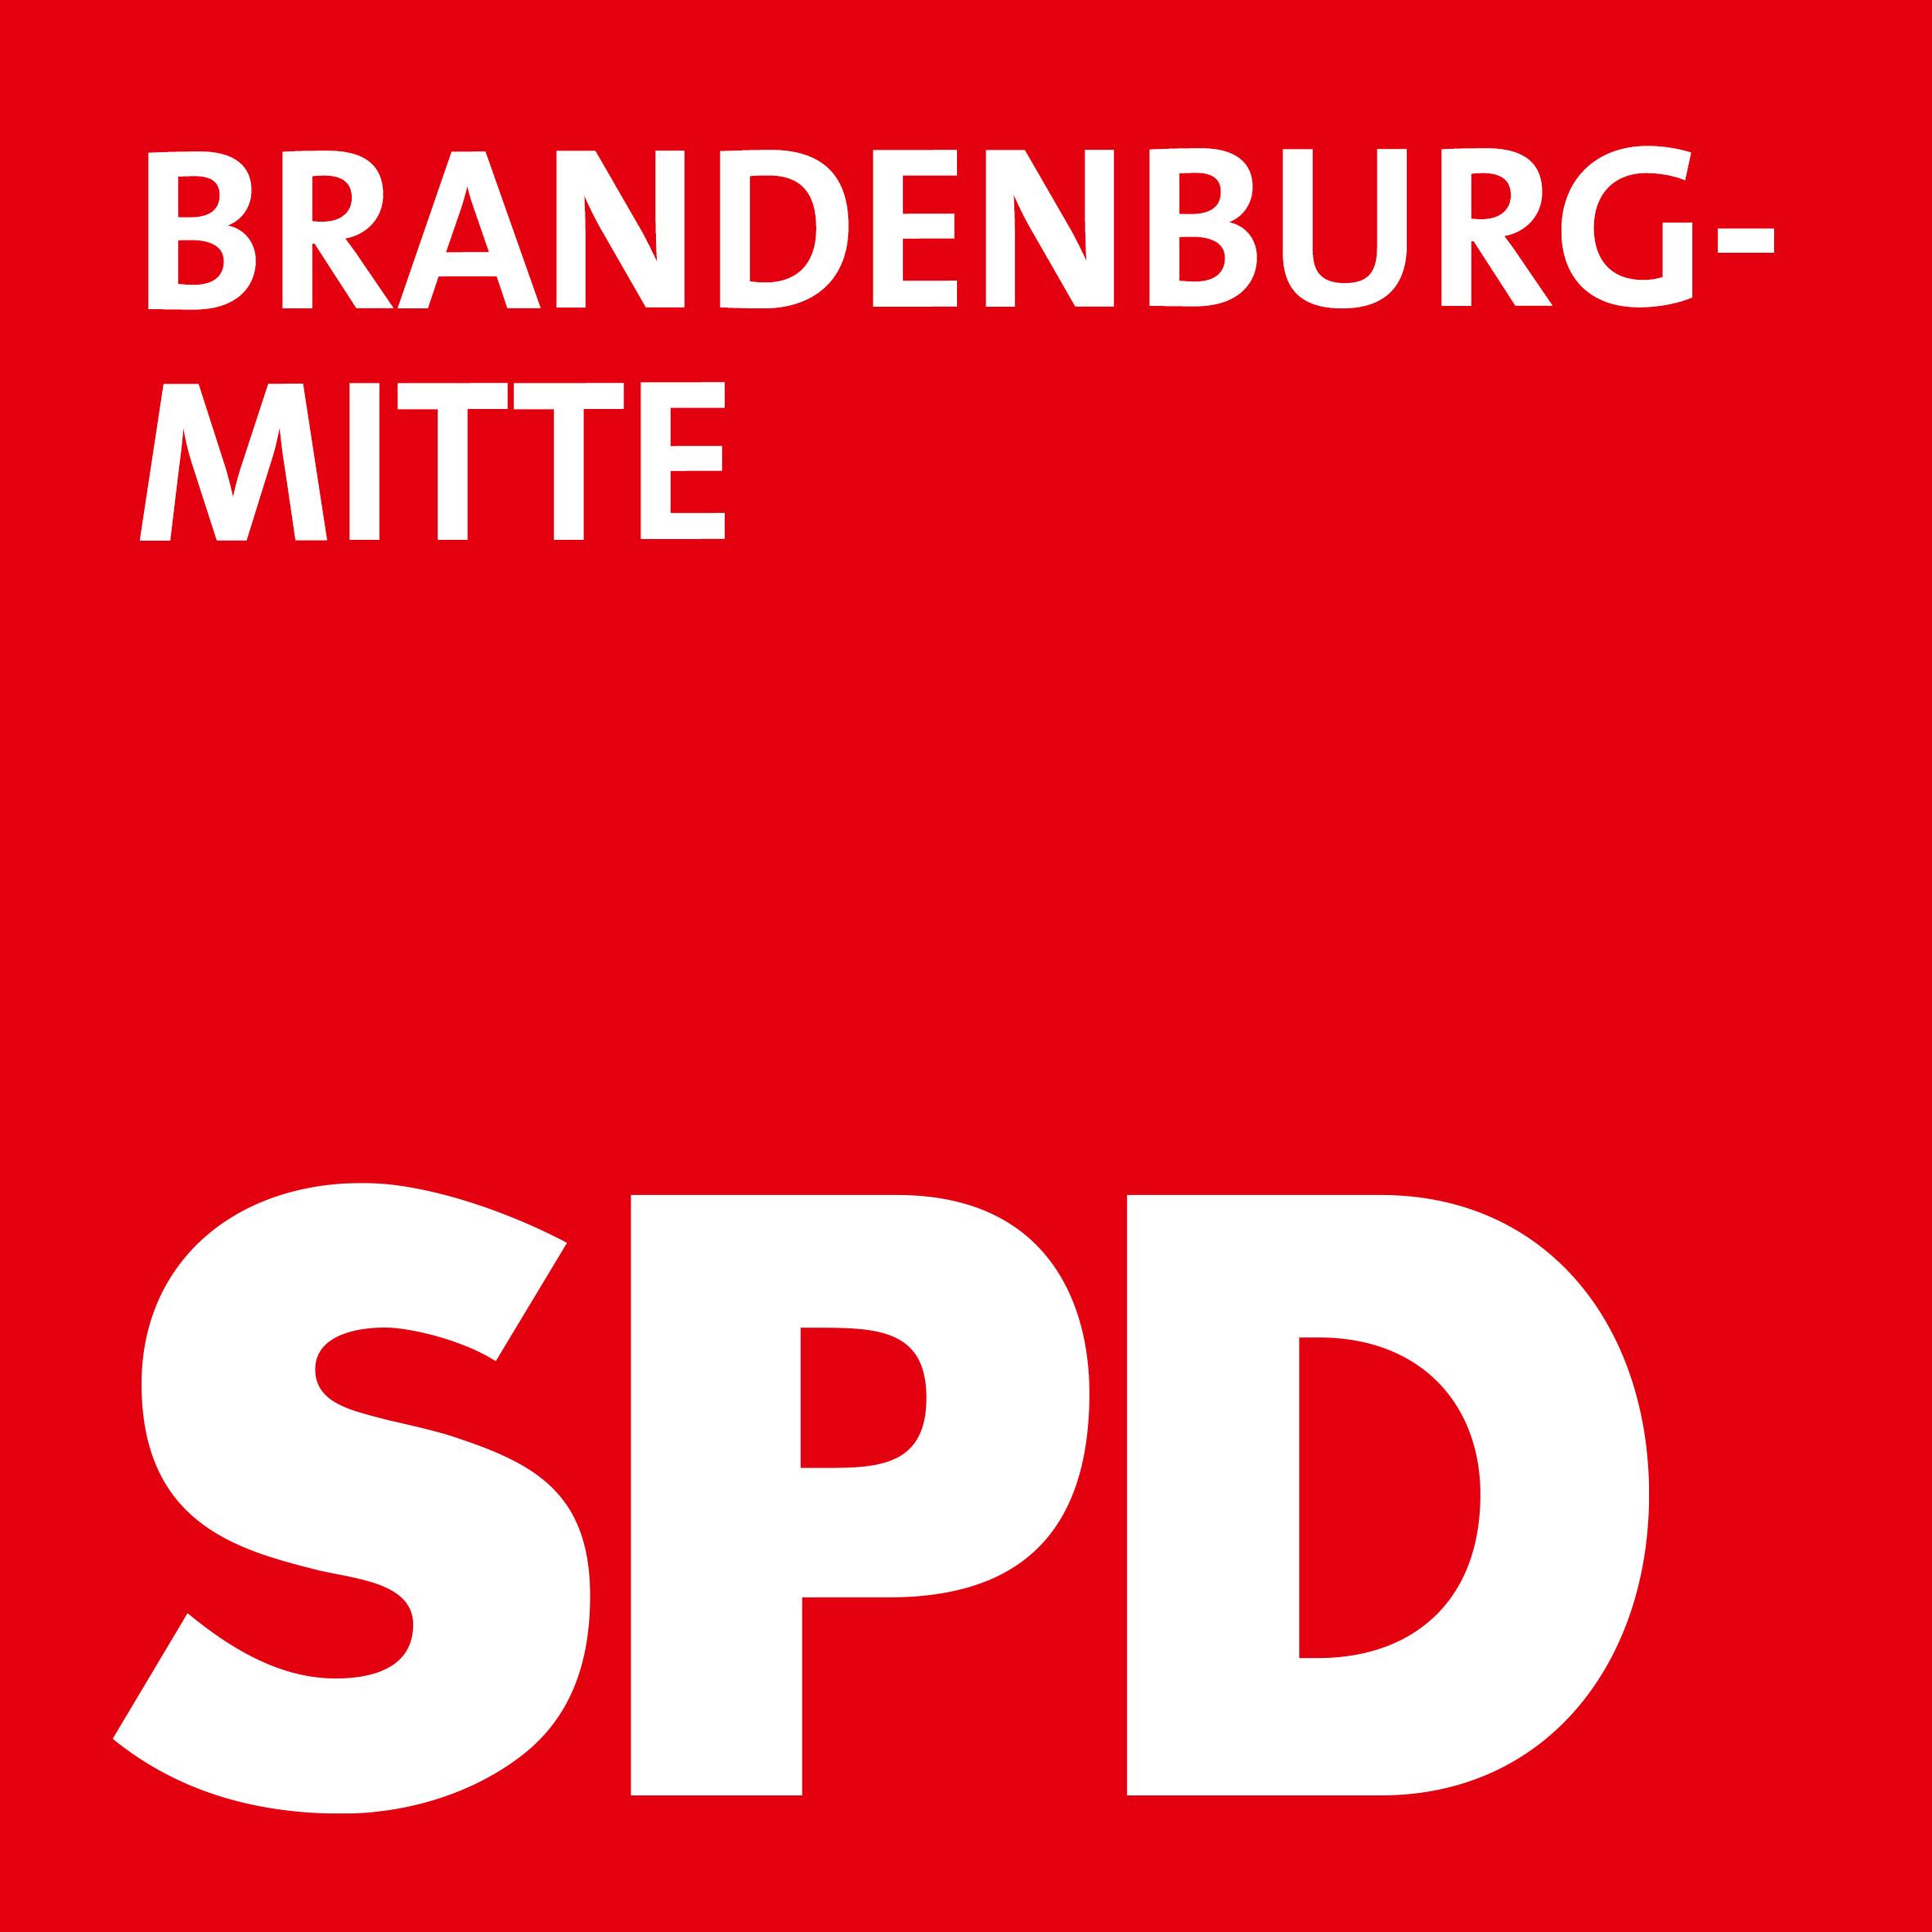 SPD Brandenburg-Mitte